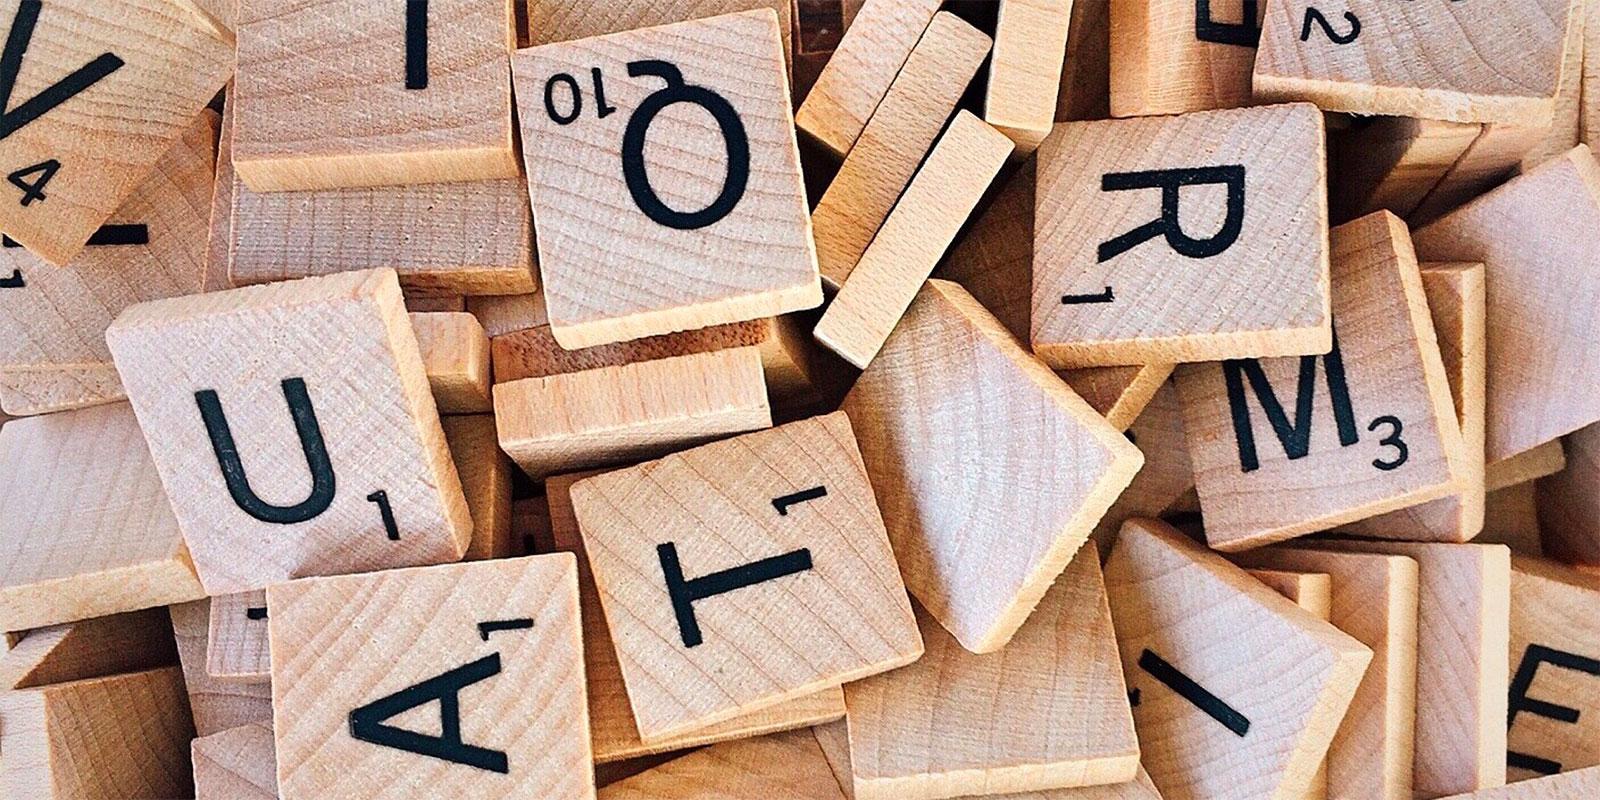 11 Scrabble Words That Are Total Bullshit